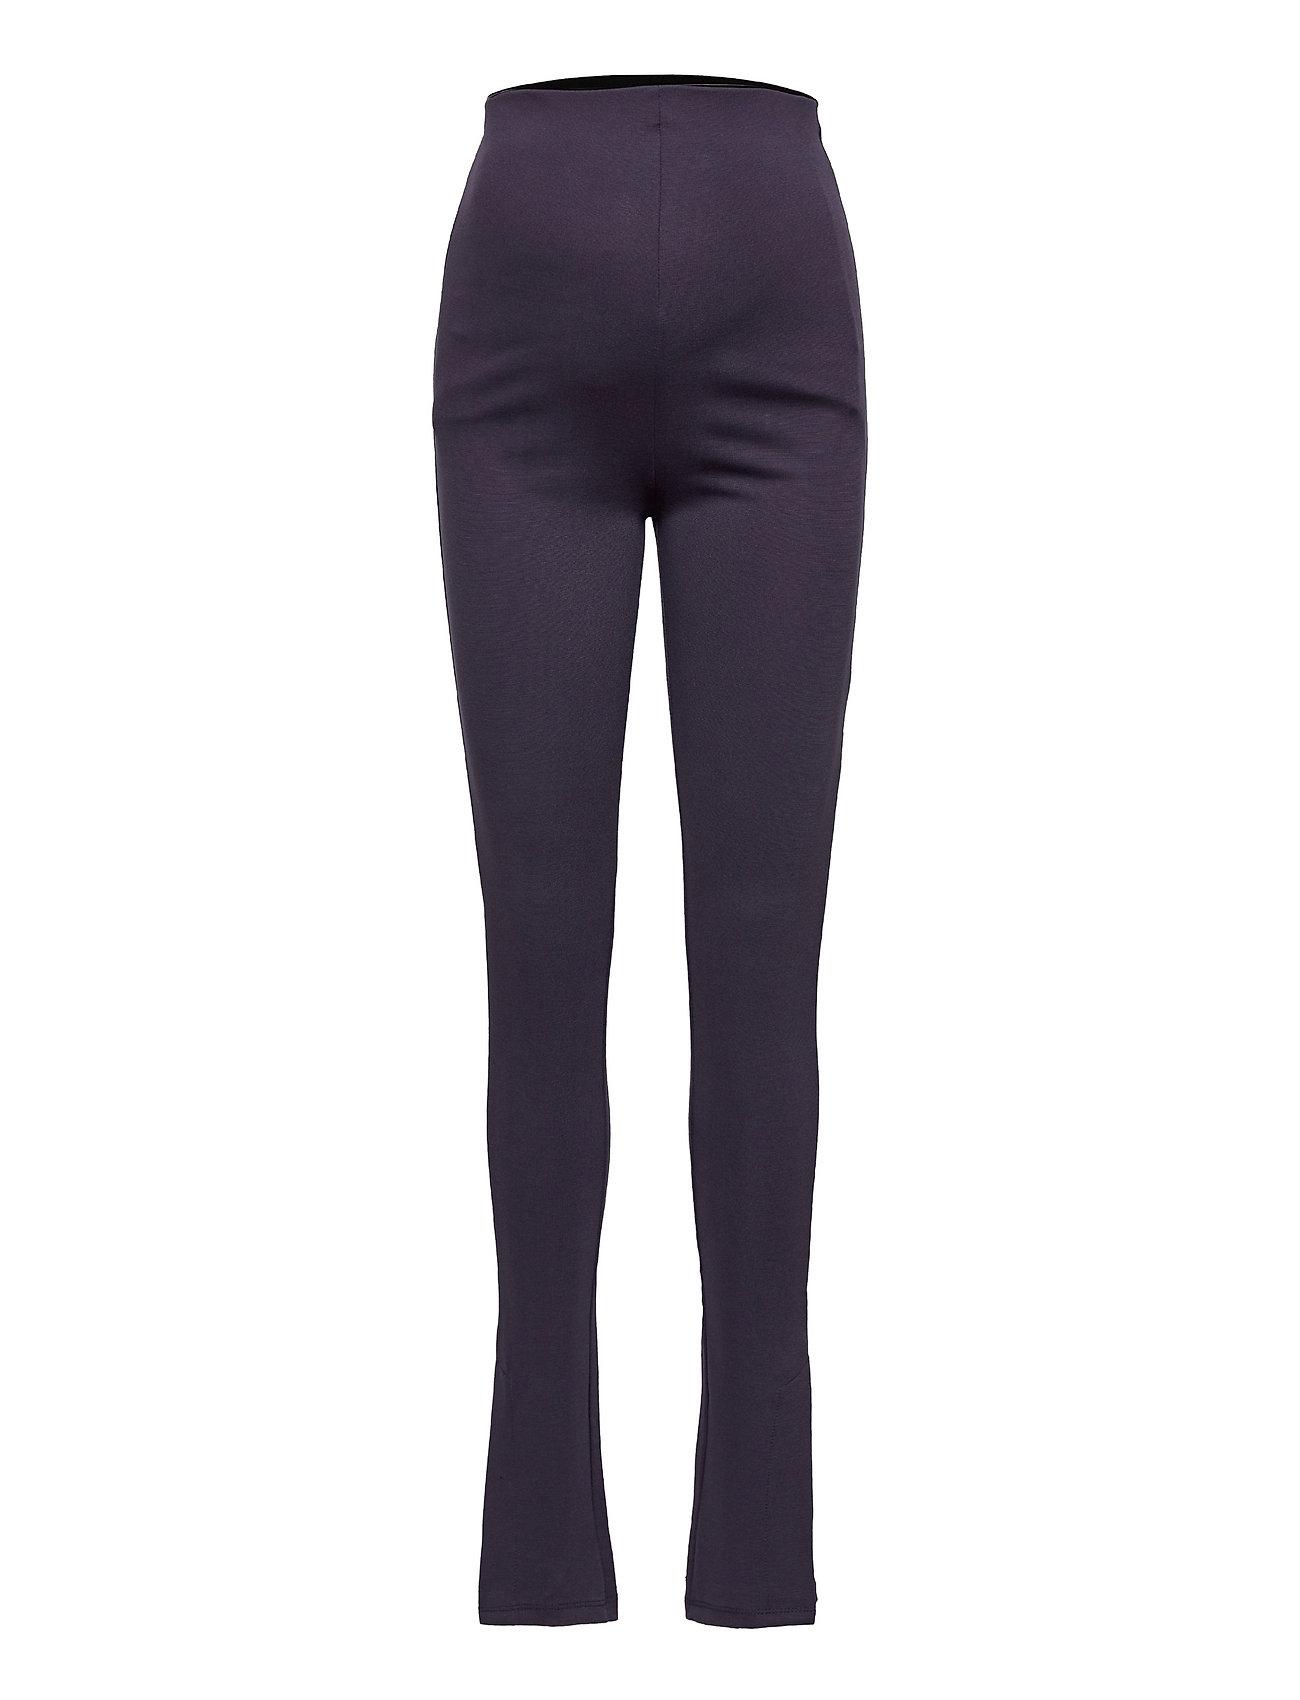 Mlelaine Slit Jersey Legging Leggings Blå Mamalicious